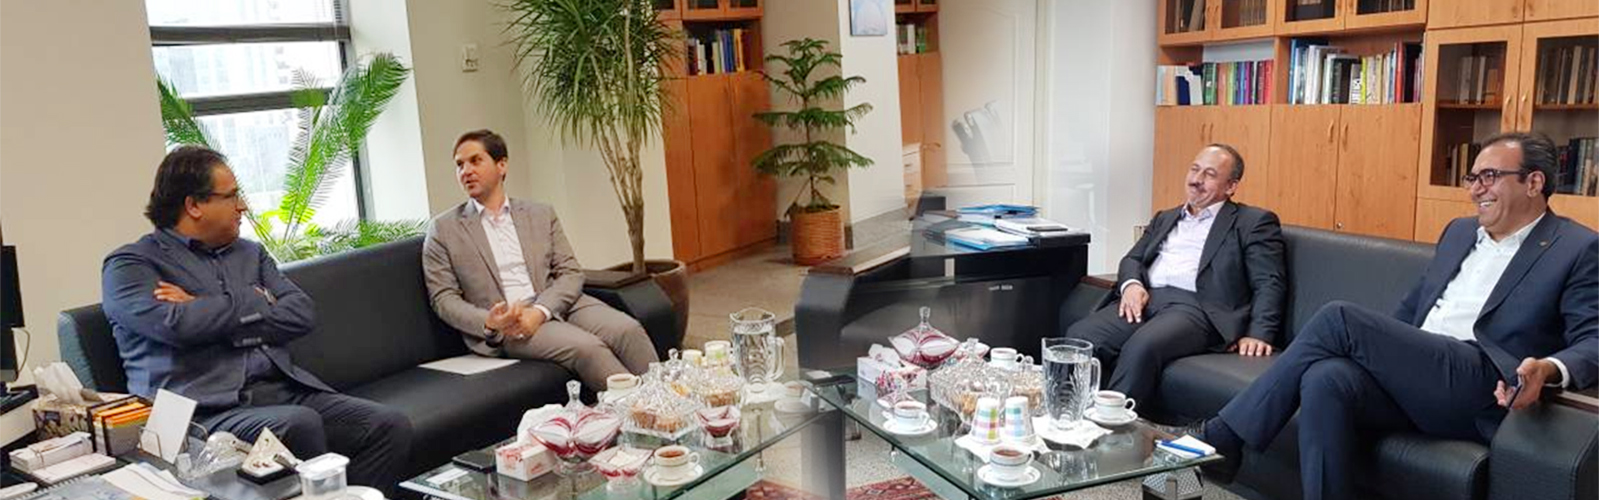 تاکید بر راه اندازی موزه تمدن اسلامی در دیدار رئیس شورا و شهردار رشت با معاون وزیر راه